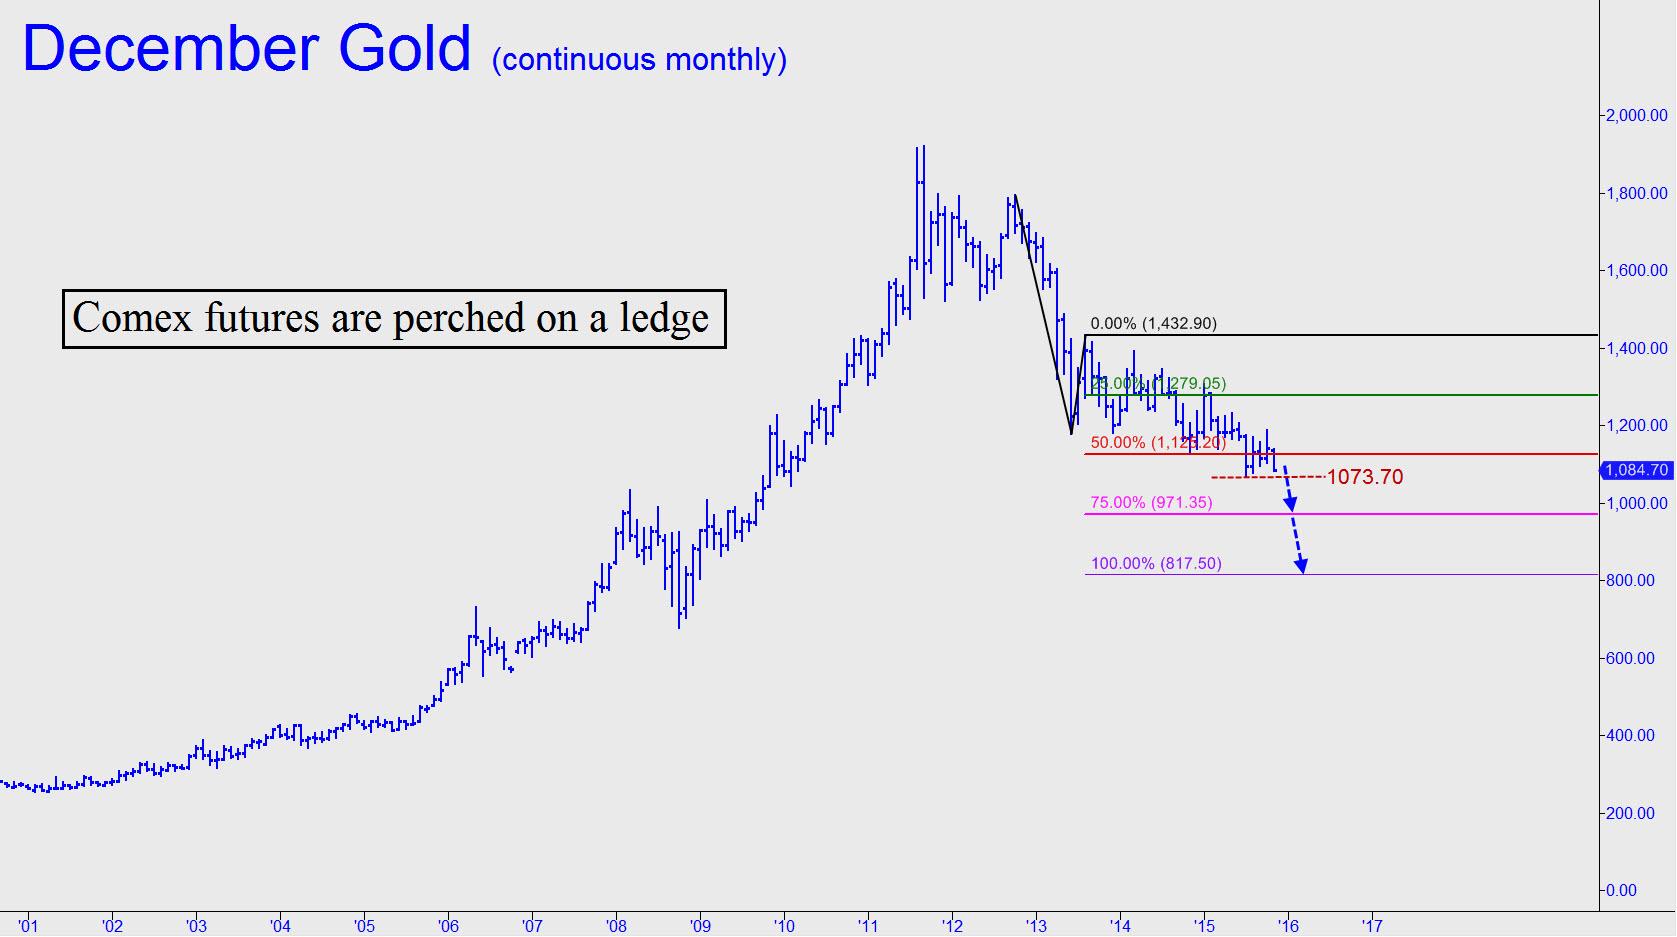 prix de l'or, de l'argent et des minières / suivi 2015 et ultérieurement - Page 5 Gold-perched-on-a-ledge